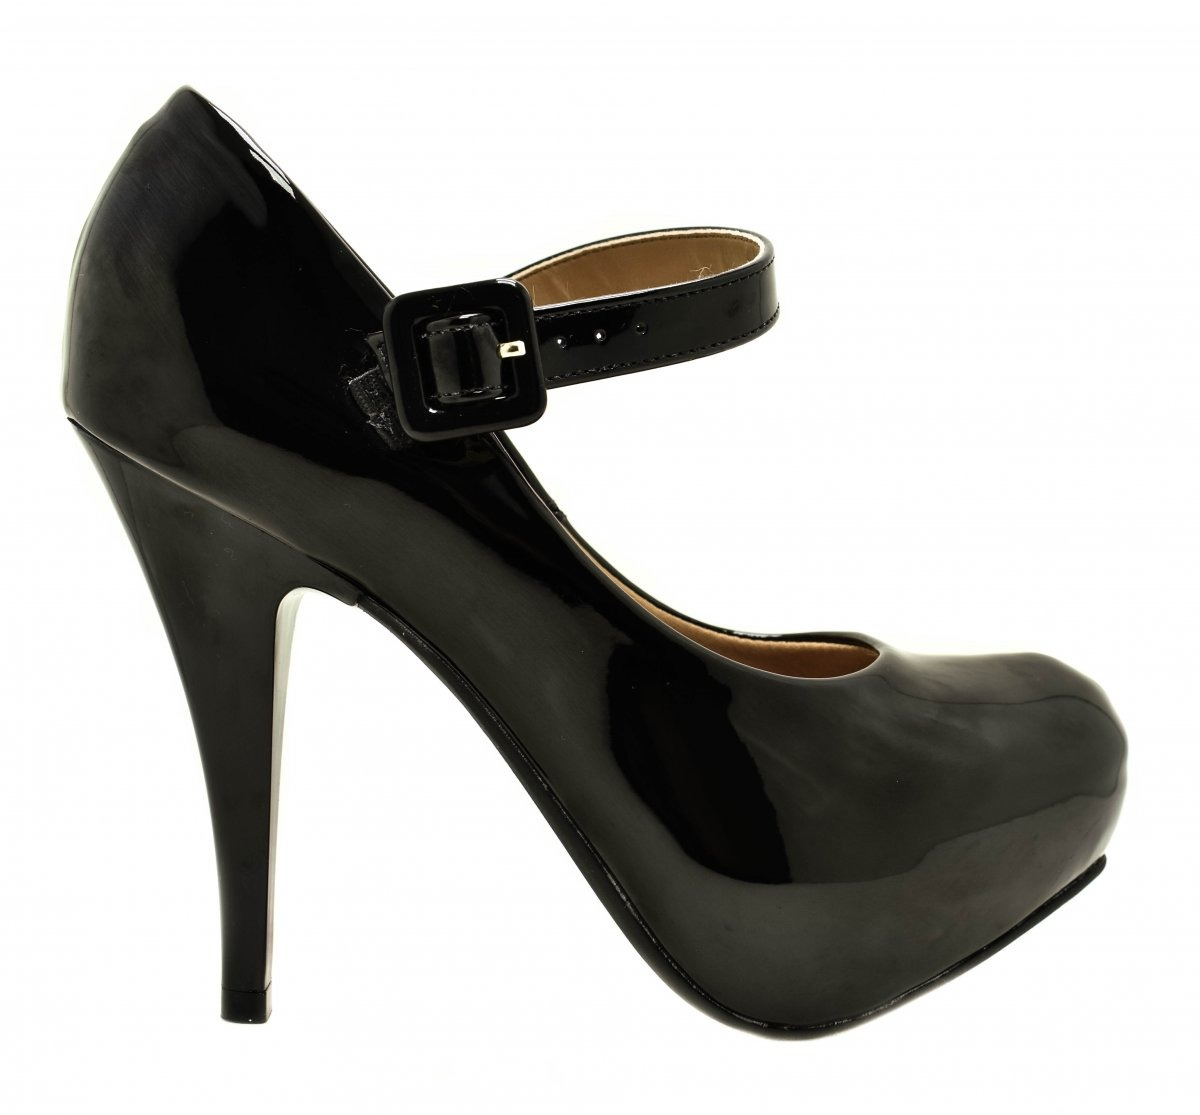 e0f0db42c Sapato Scarpin Vizzano 1143.304 Feminino Boneca - R$ 119,99 em ...